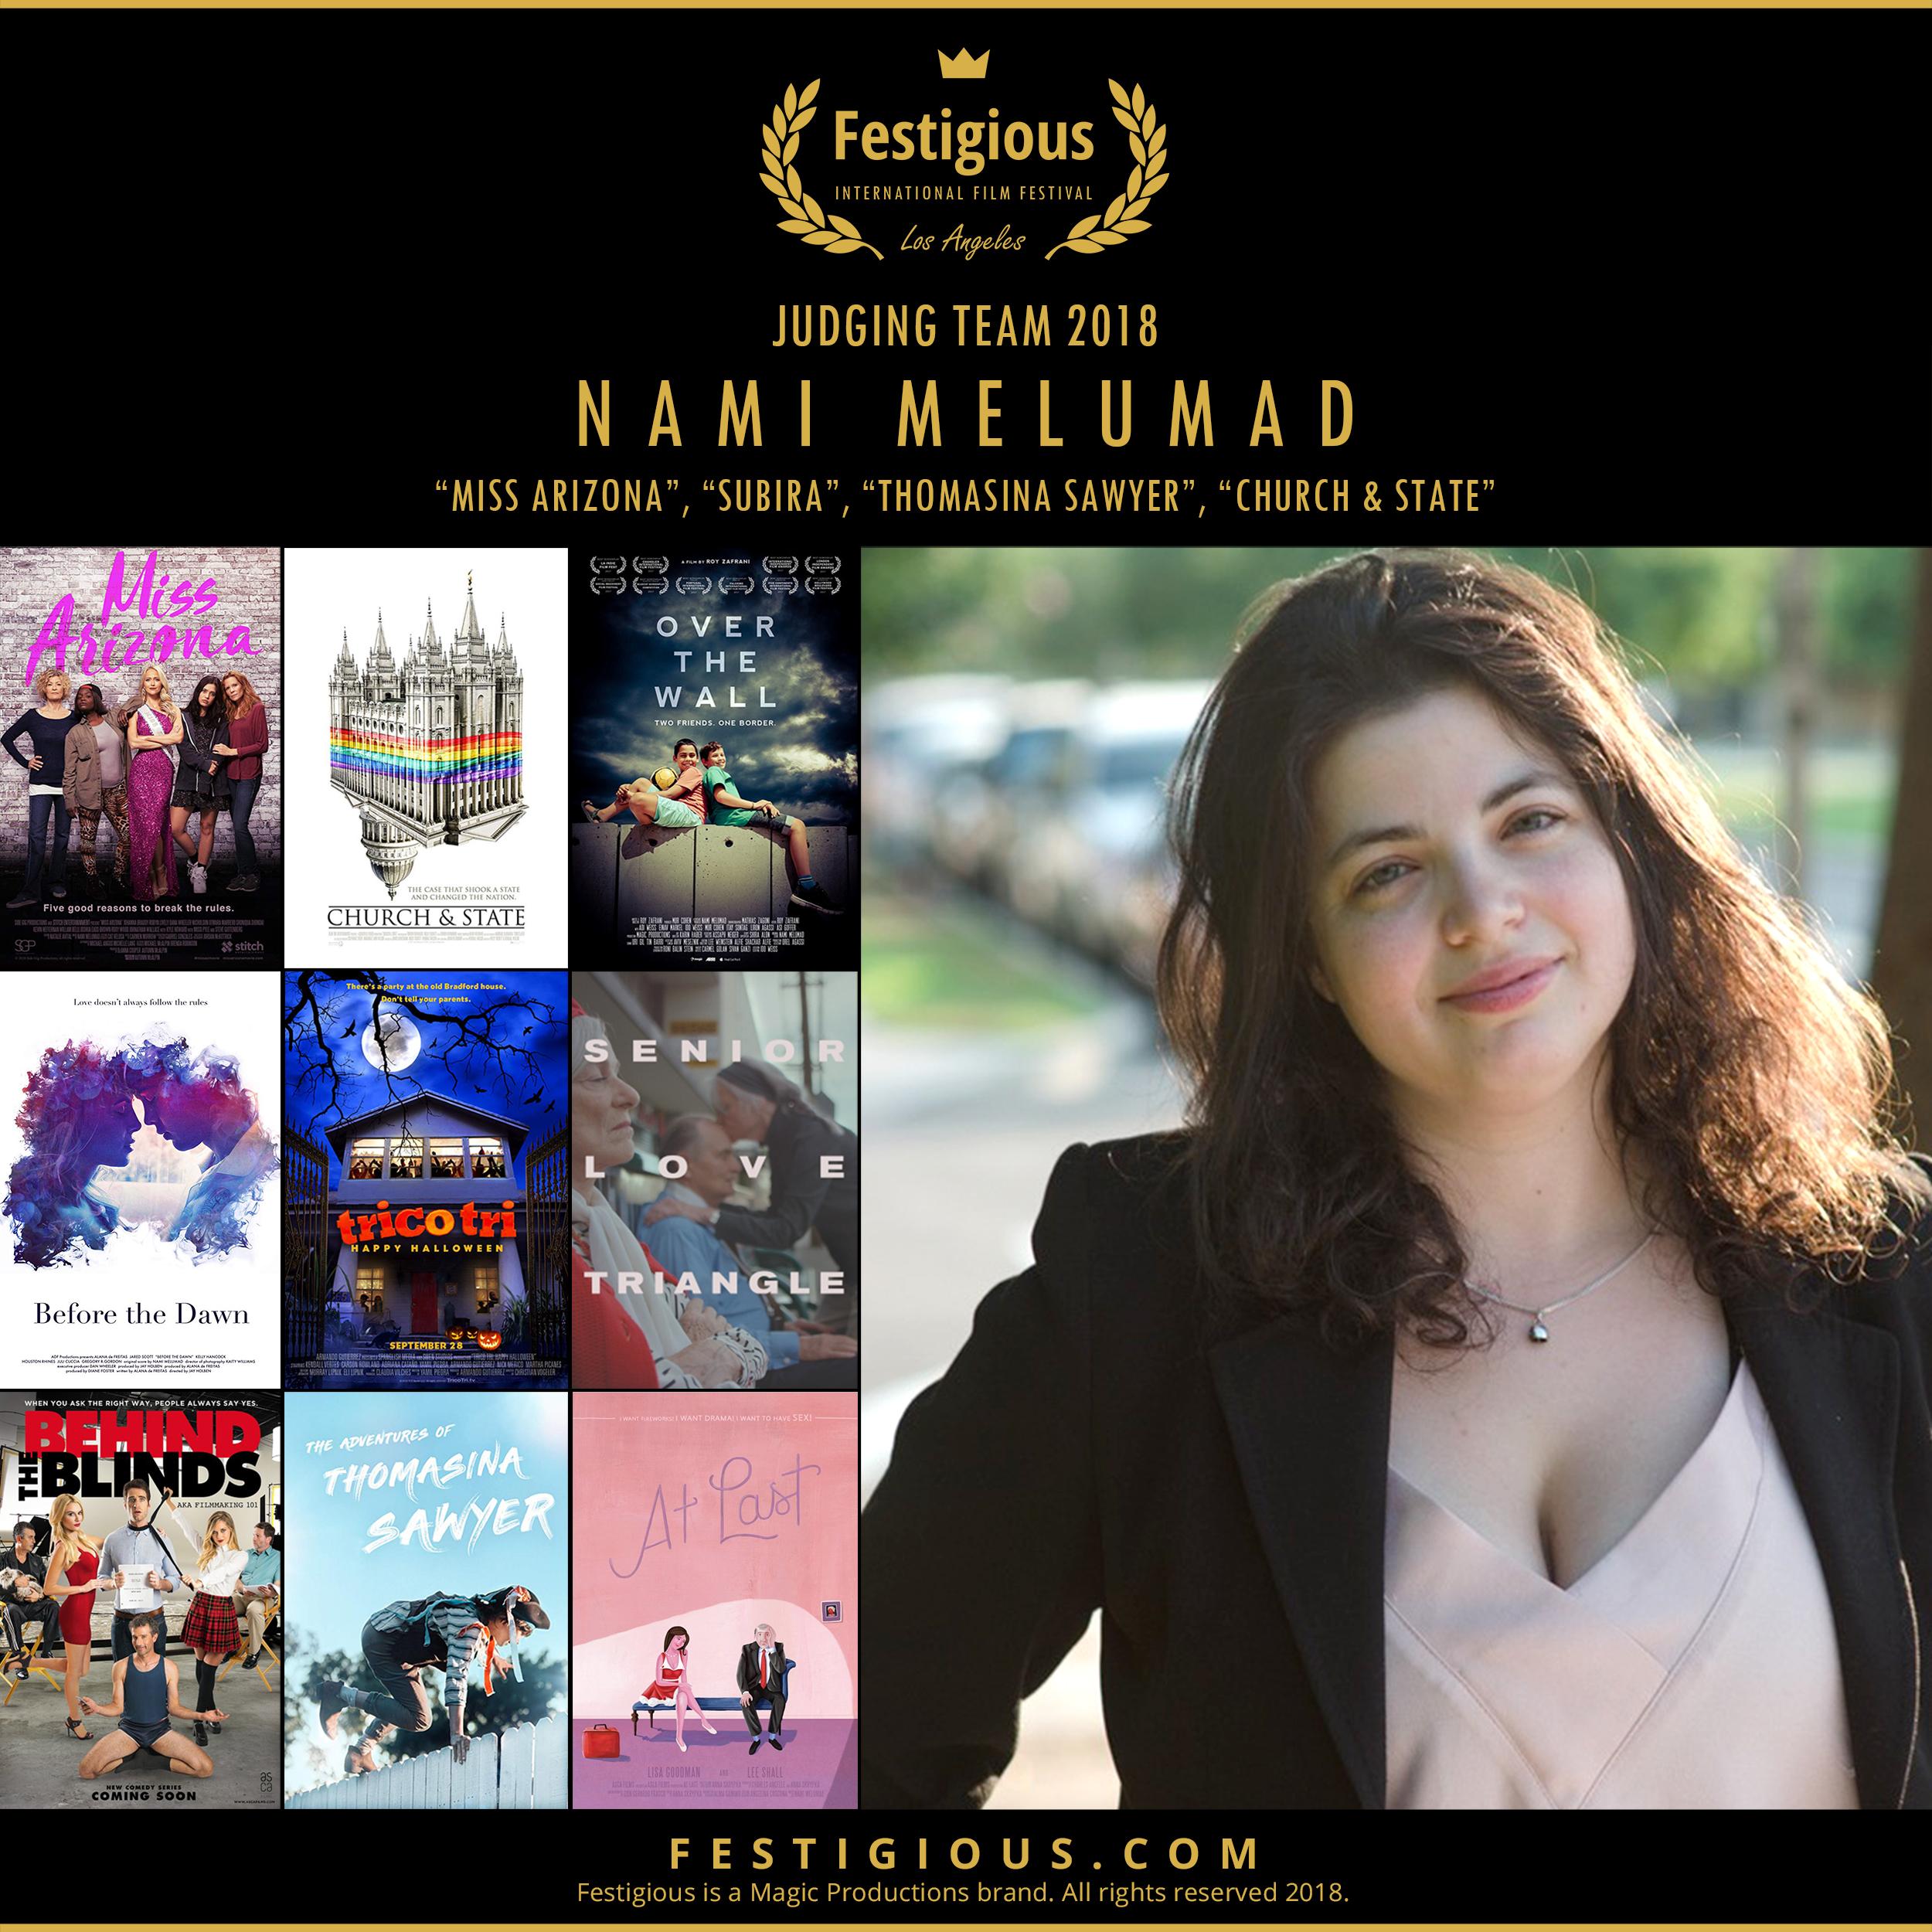 Festigious 2018 - Nami Melumad